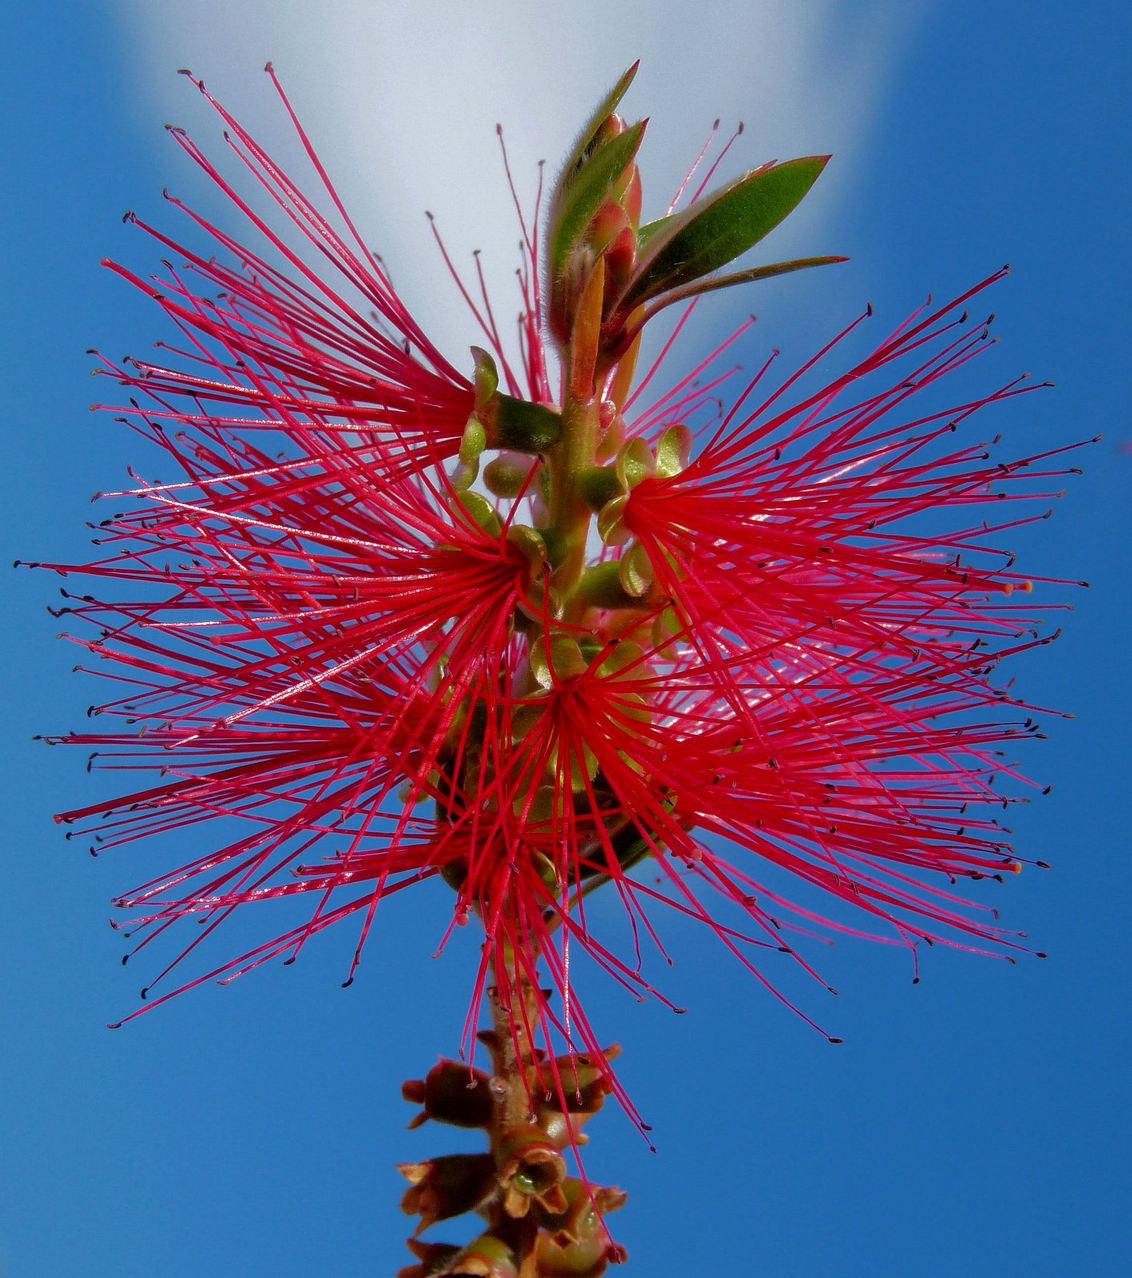 Rode bloemen uit Griekenland - Op het eiland Kefelonia zag ik deze prachtig bloeiende plant. - foto door megegj op 04-12-2010 - deze foto bevat: rood, bloem, flower, griekenland, kefalonia